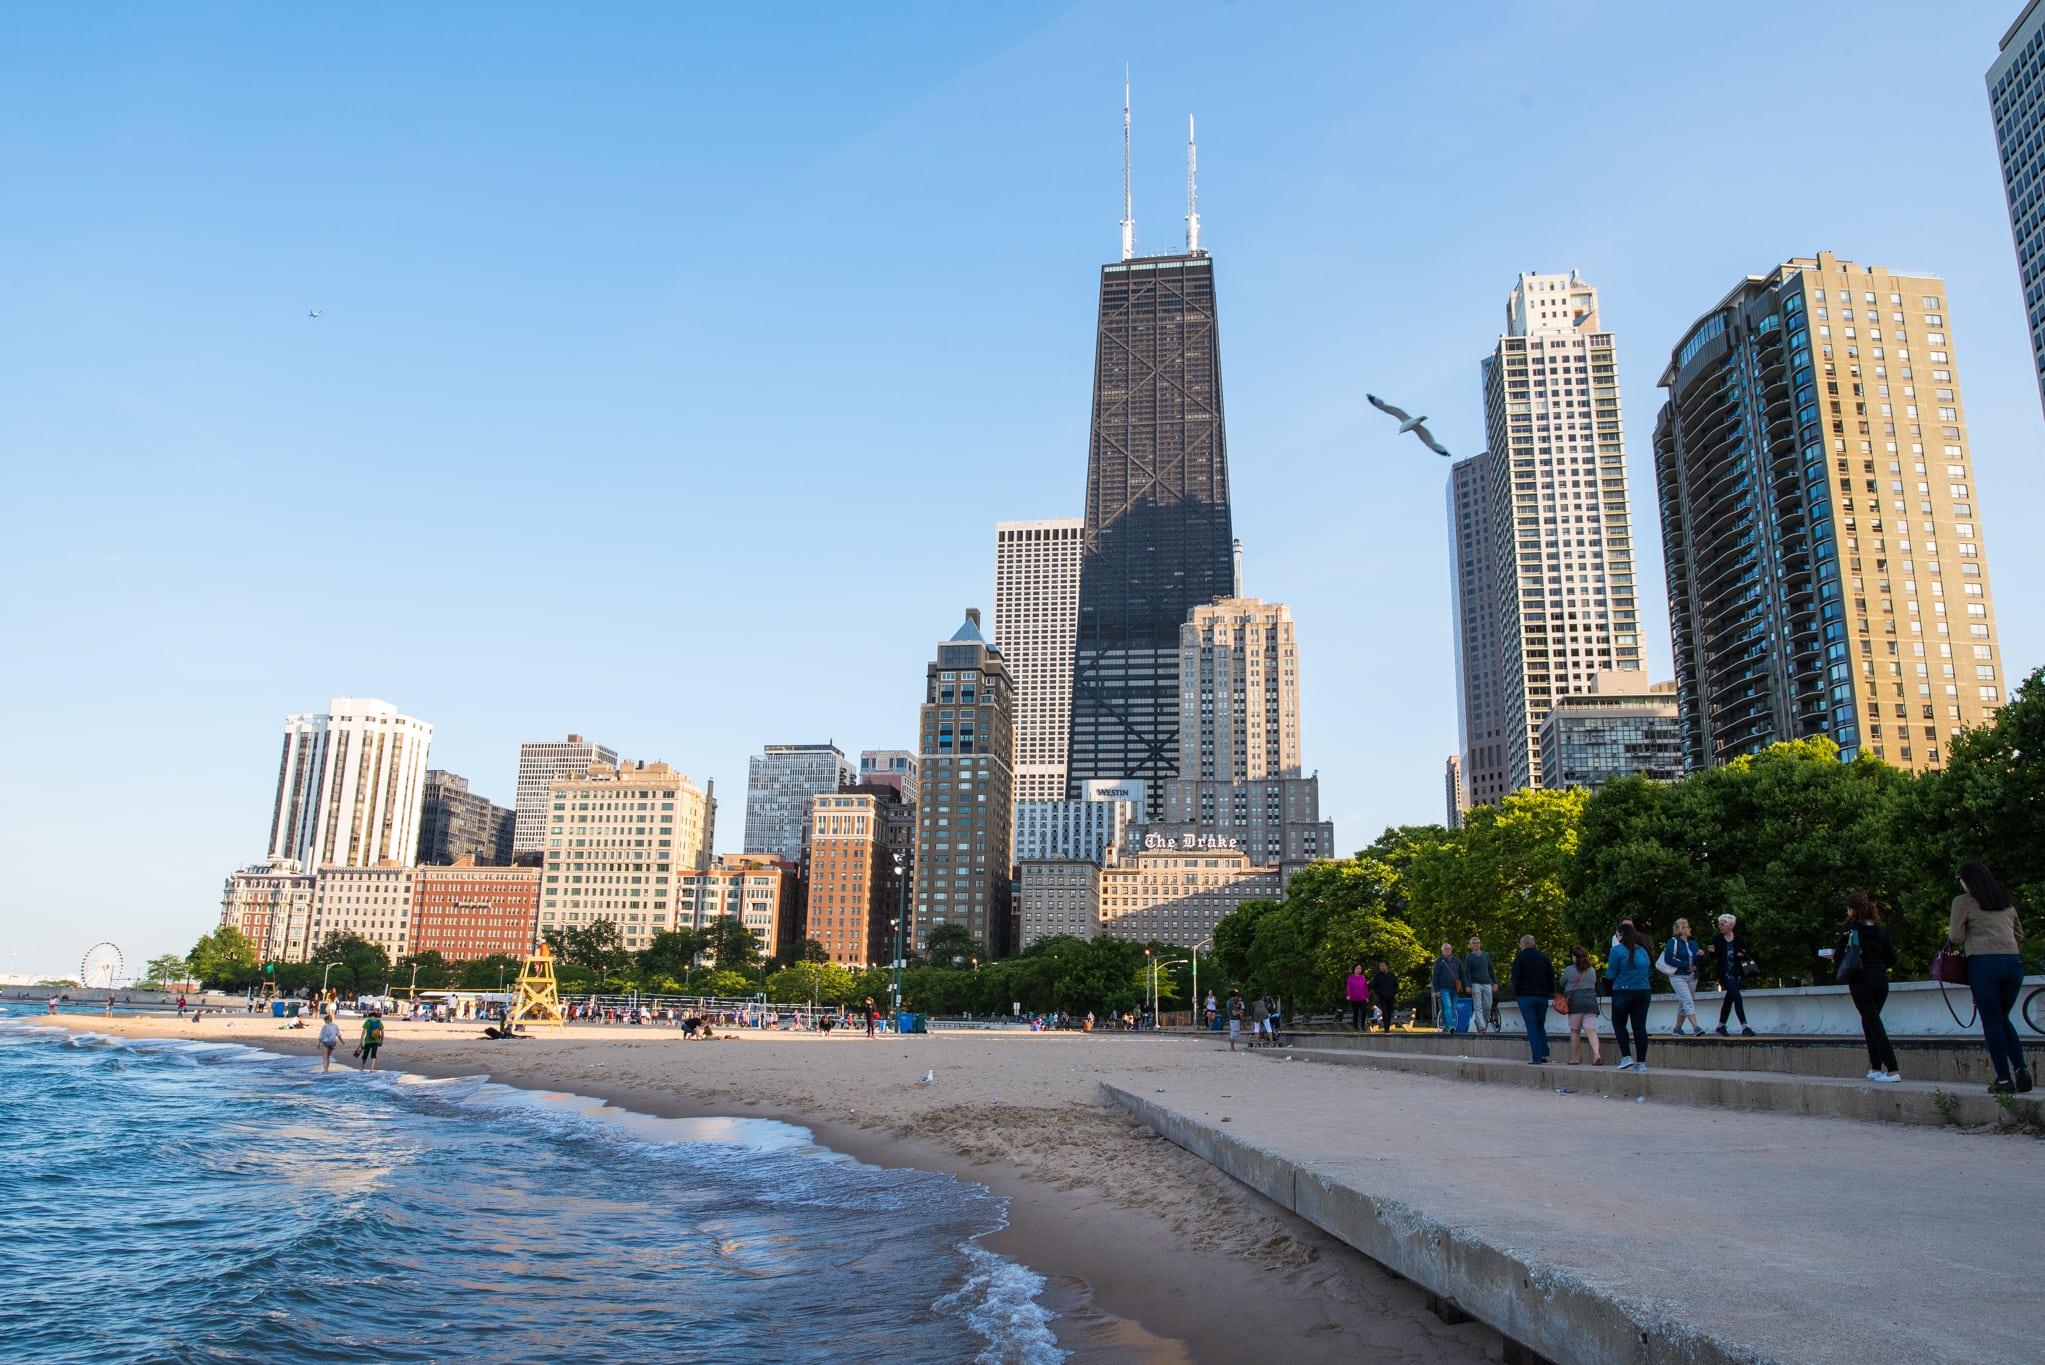 اين تقع شيكاغو وما اهم المدن القريبة من شيكاغو